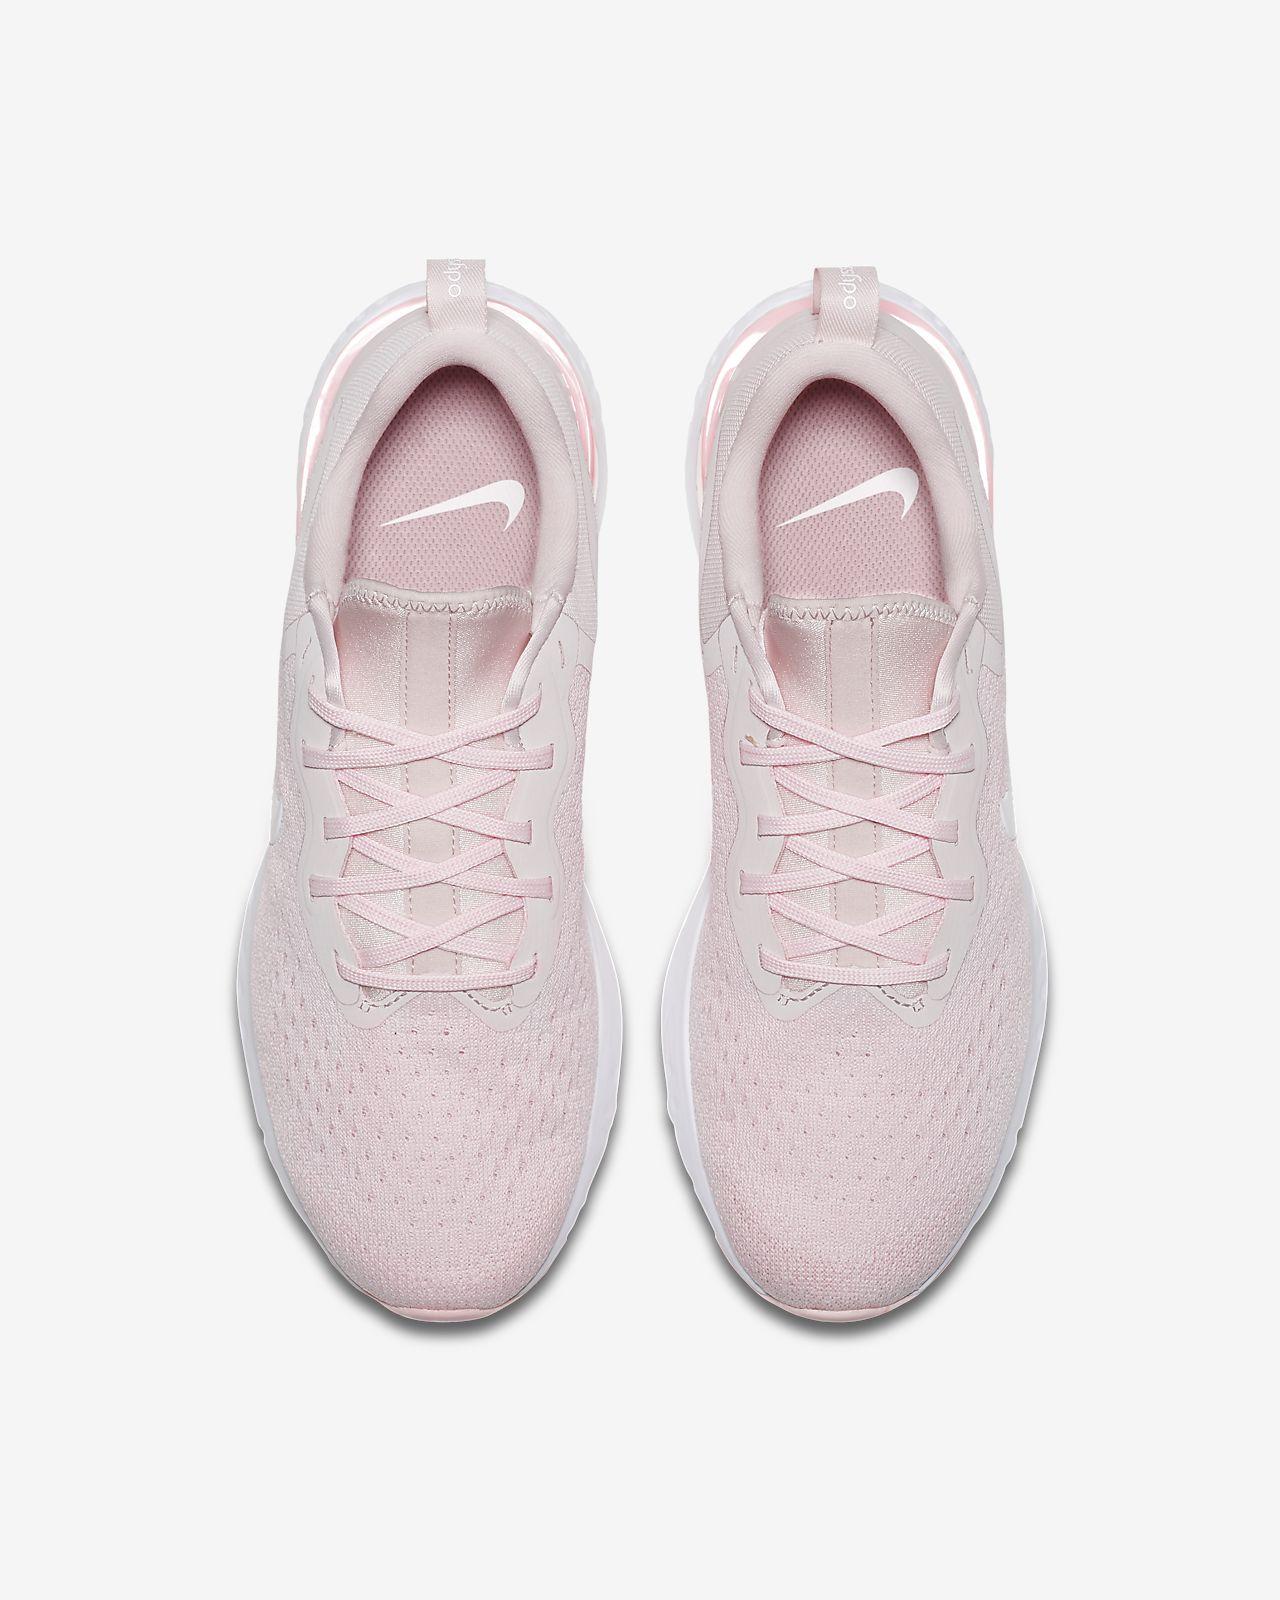 88a2867025425 Nike Odyssey React Women s Running Shoe. Nike.com ID